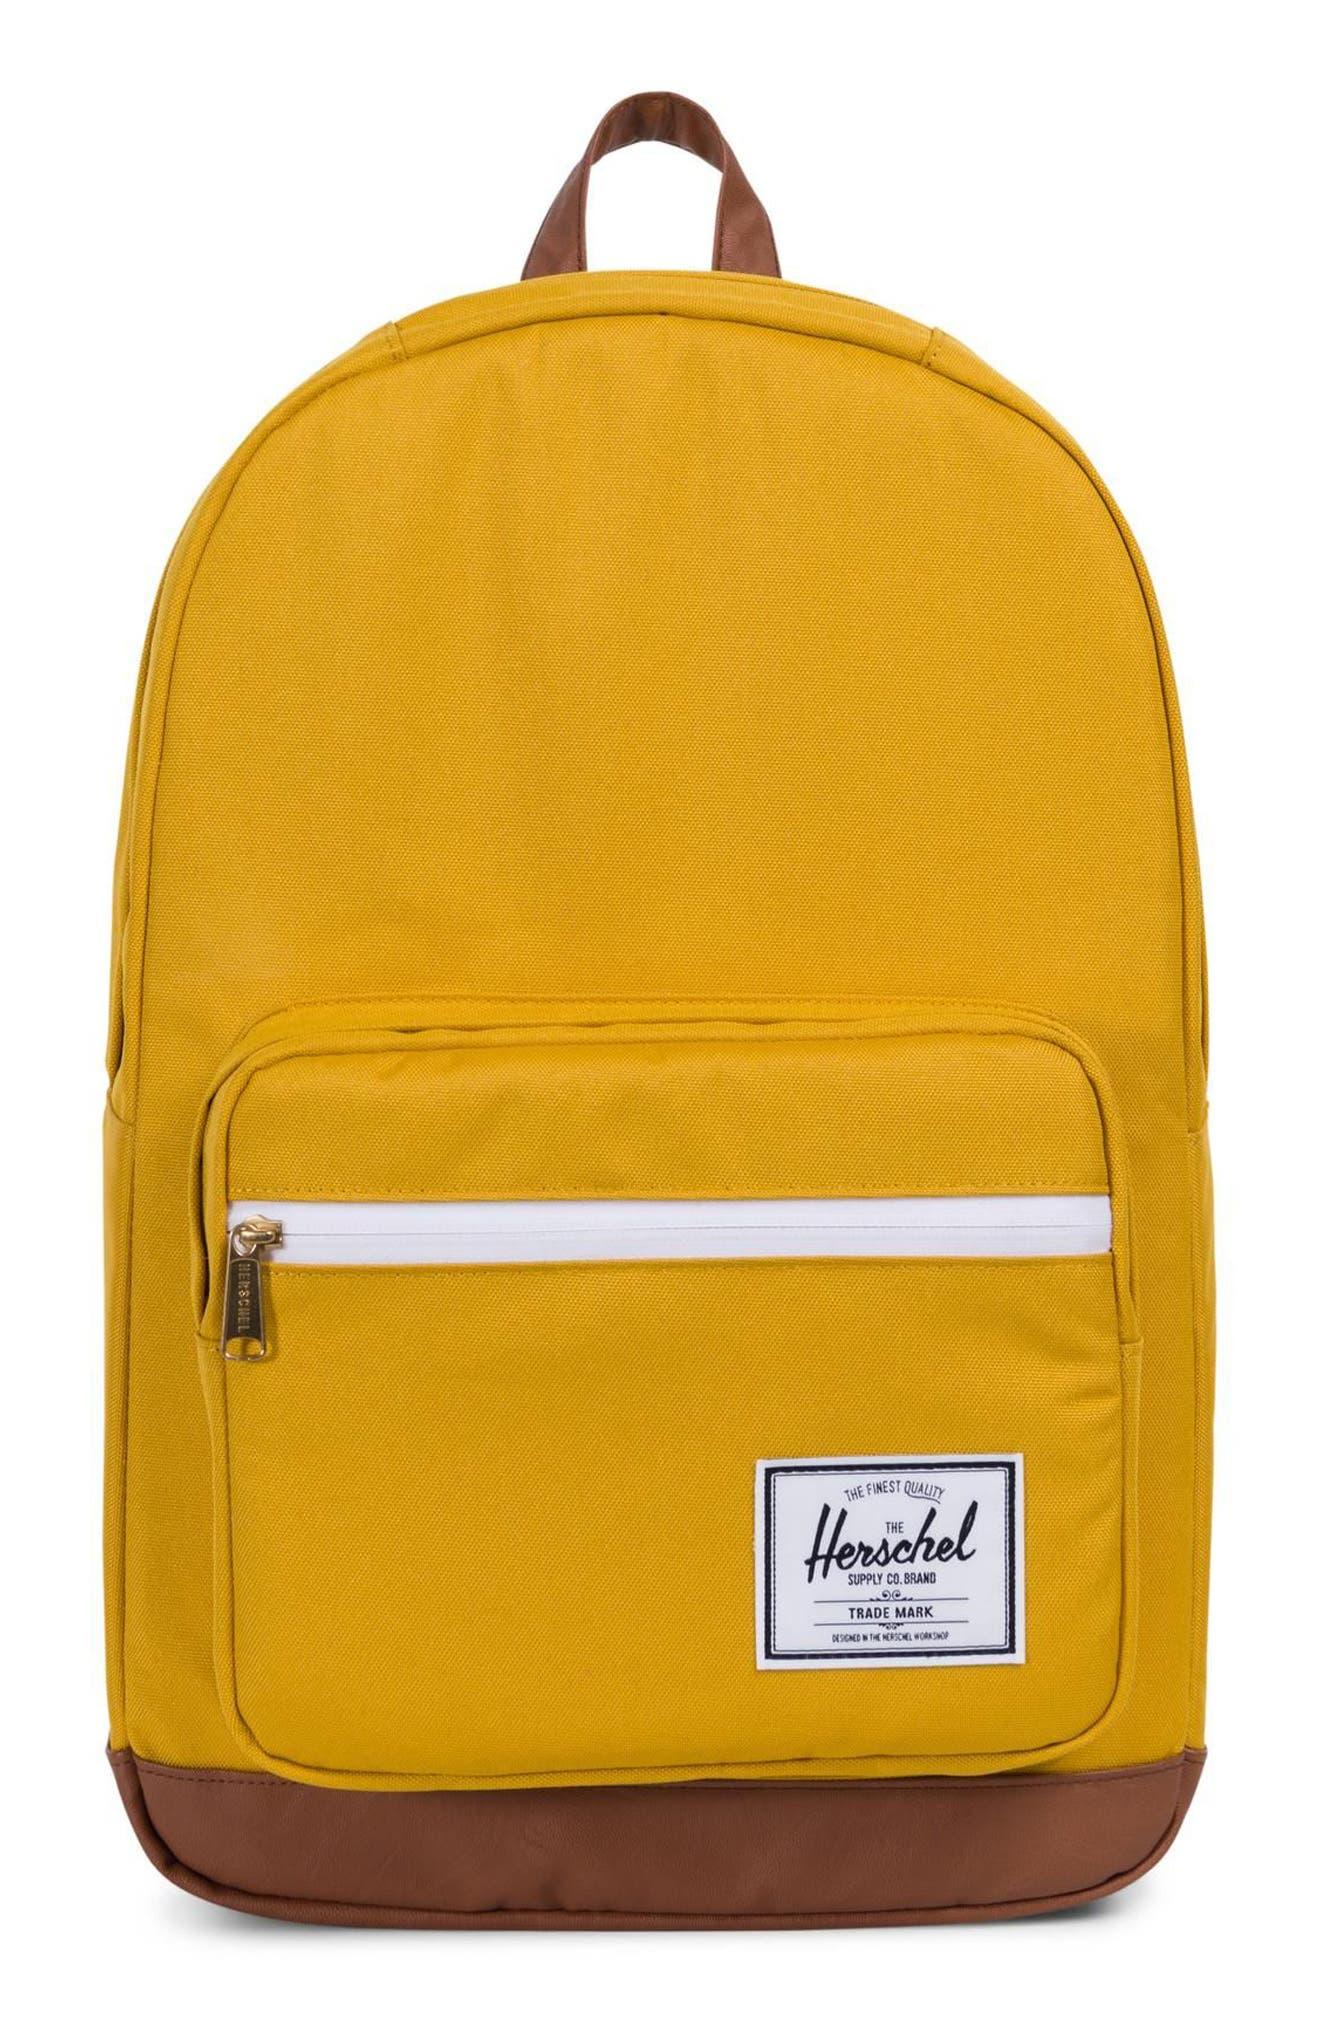 Herschel Supply Co. Pop Quiz Backpack - Yellow